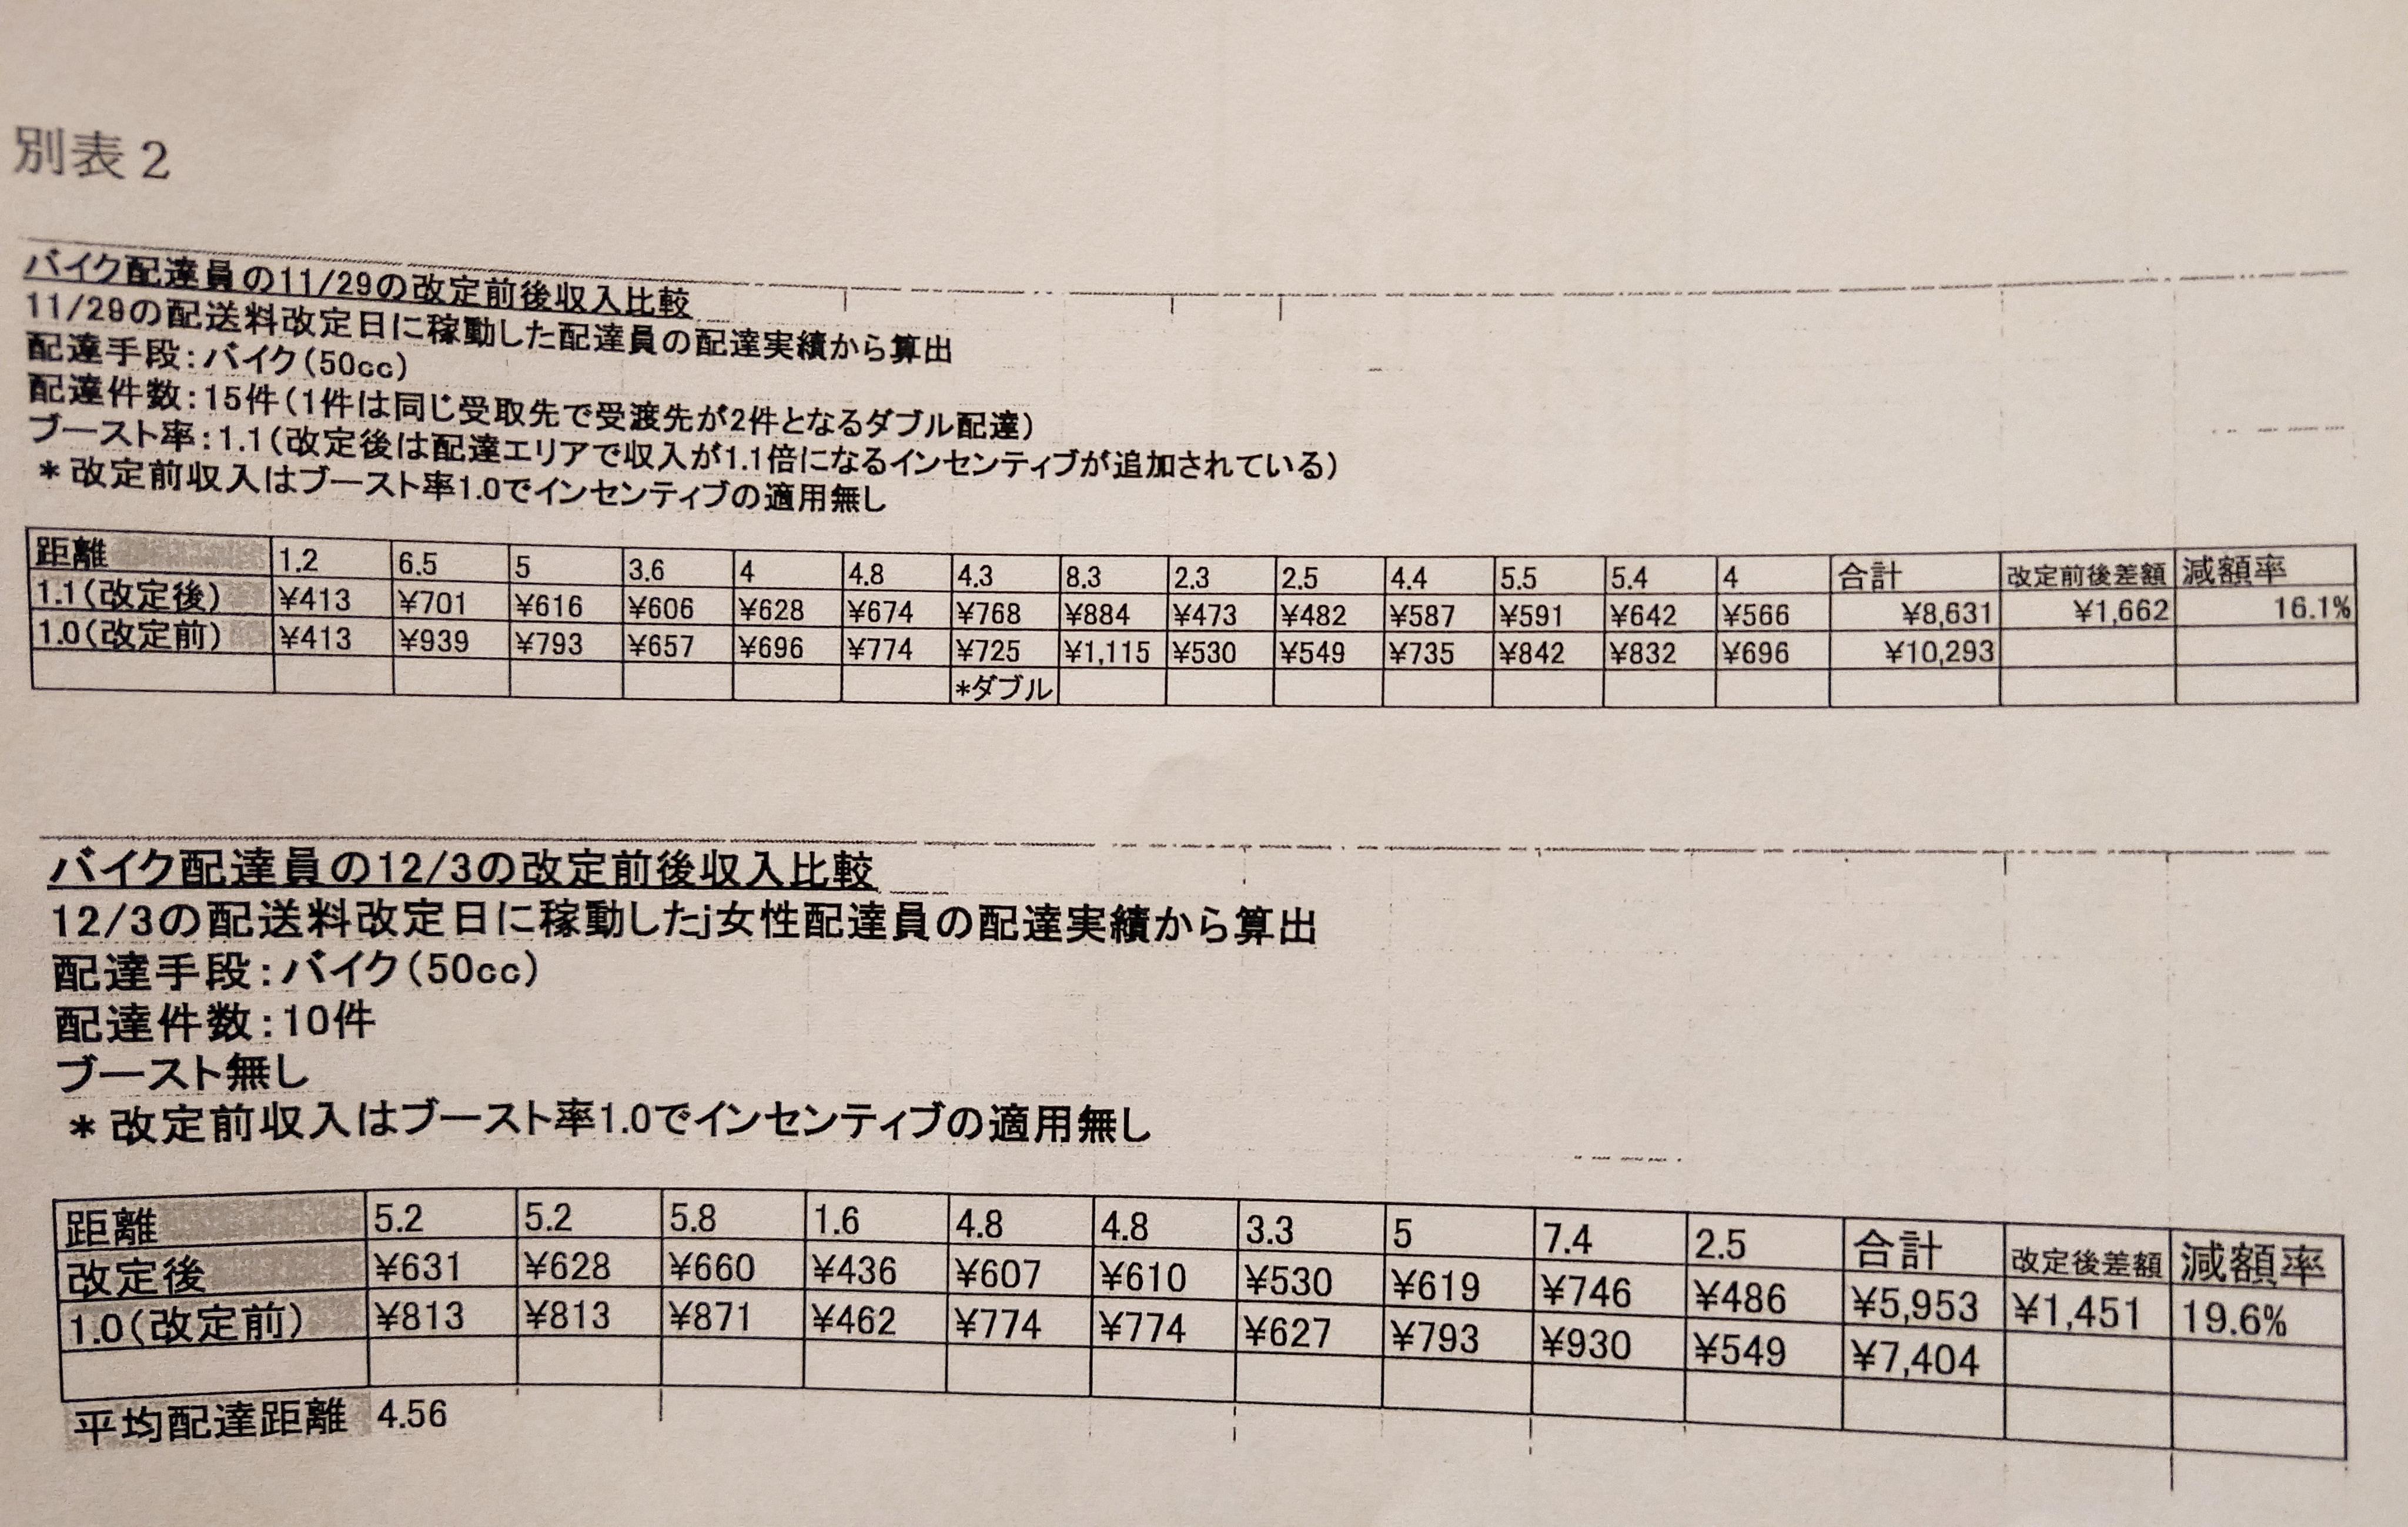 報酬改定前後の比較表(ユニオン作成)